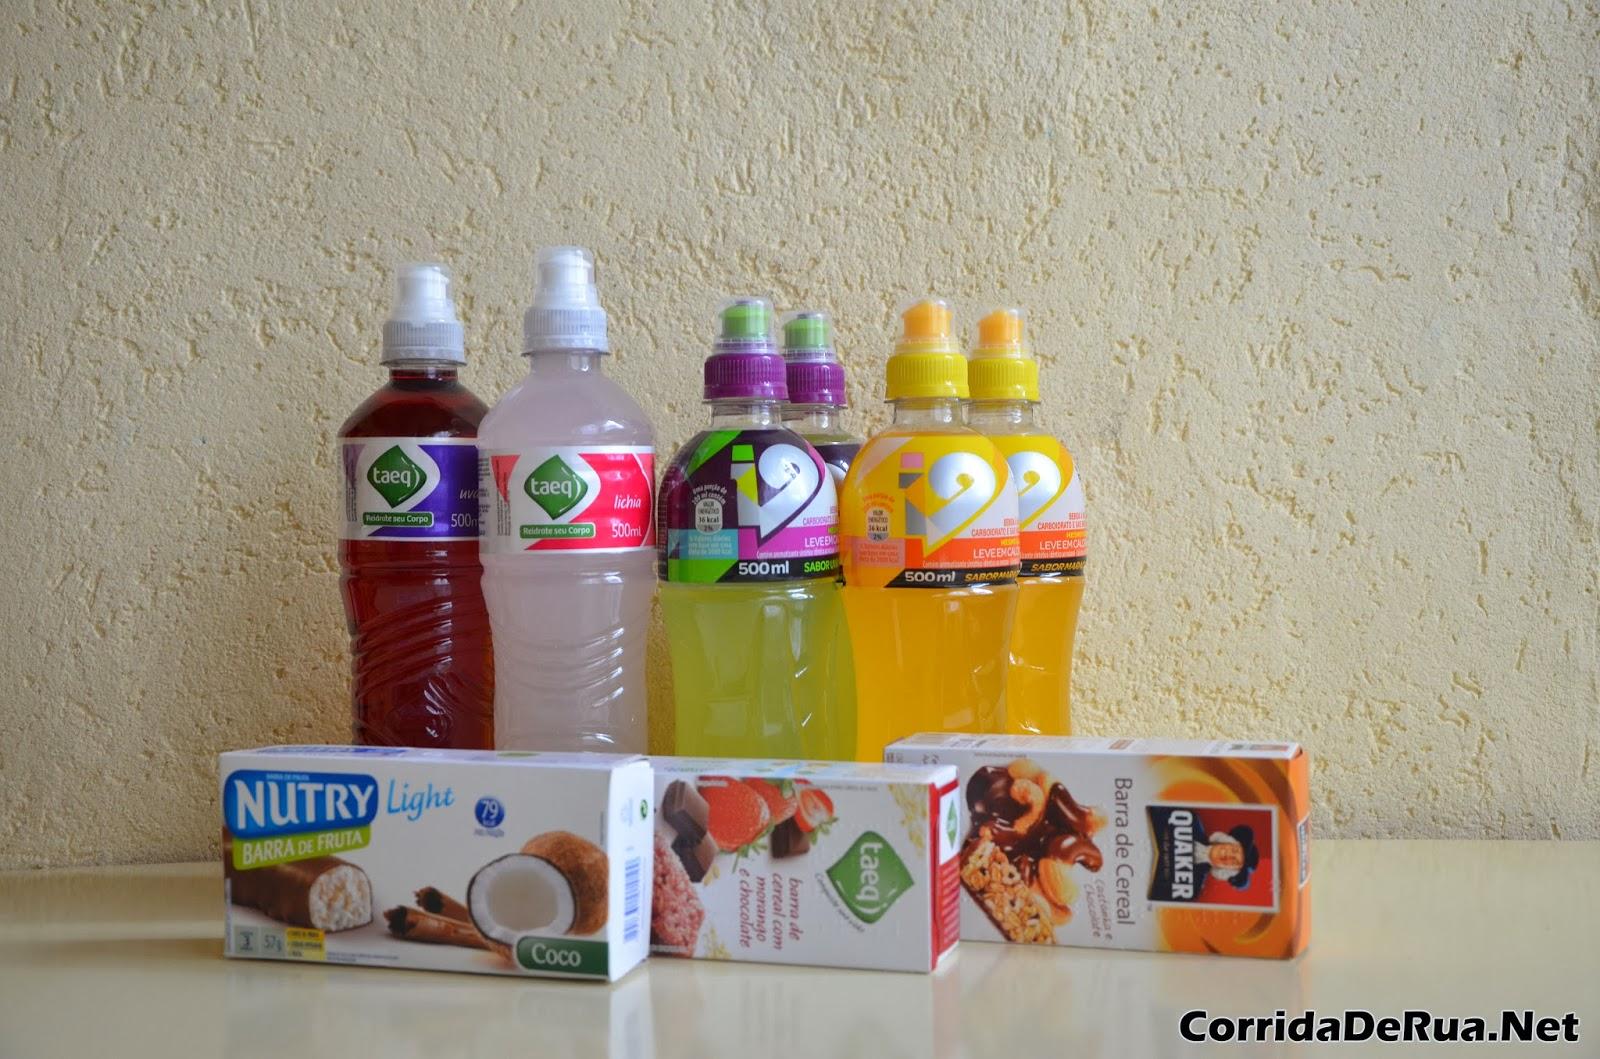 Isotônicos: Taeq (Grupo Pão de Açúcar), i9 (Cola-Cola) e Cereais Nutri, Taeq e Quaker - Uma parcela do que vai rolar na semana